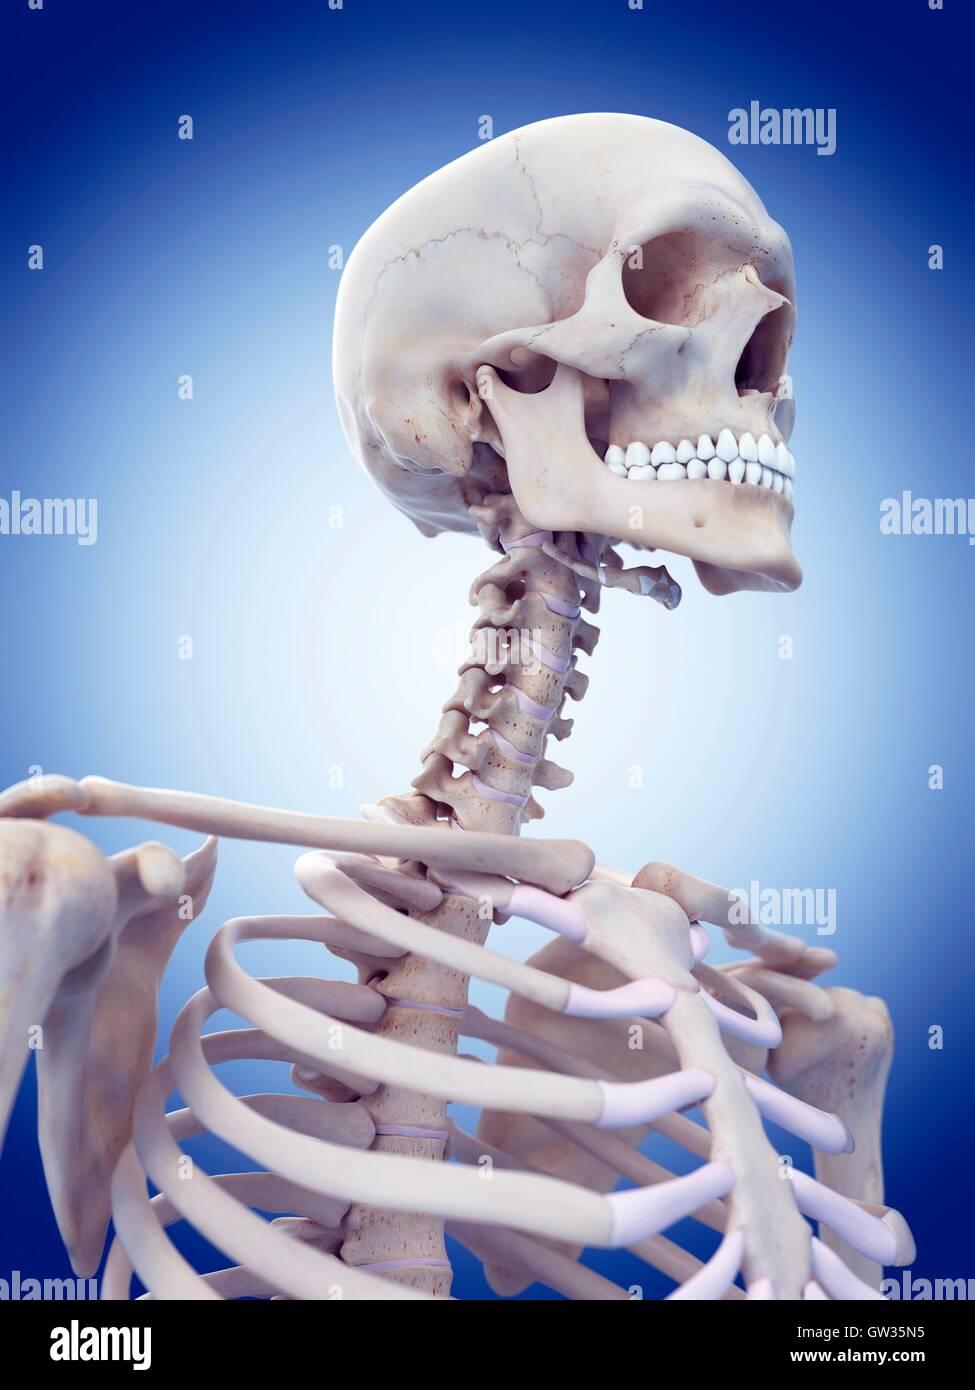 Human Skull And Neck Bones Stock Photos Human Skull And Neck Bones